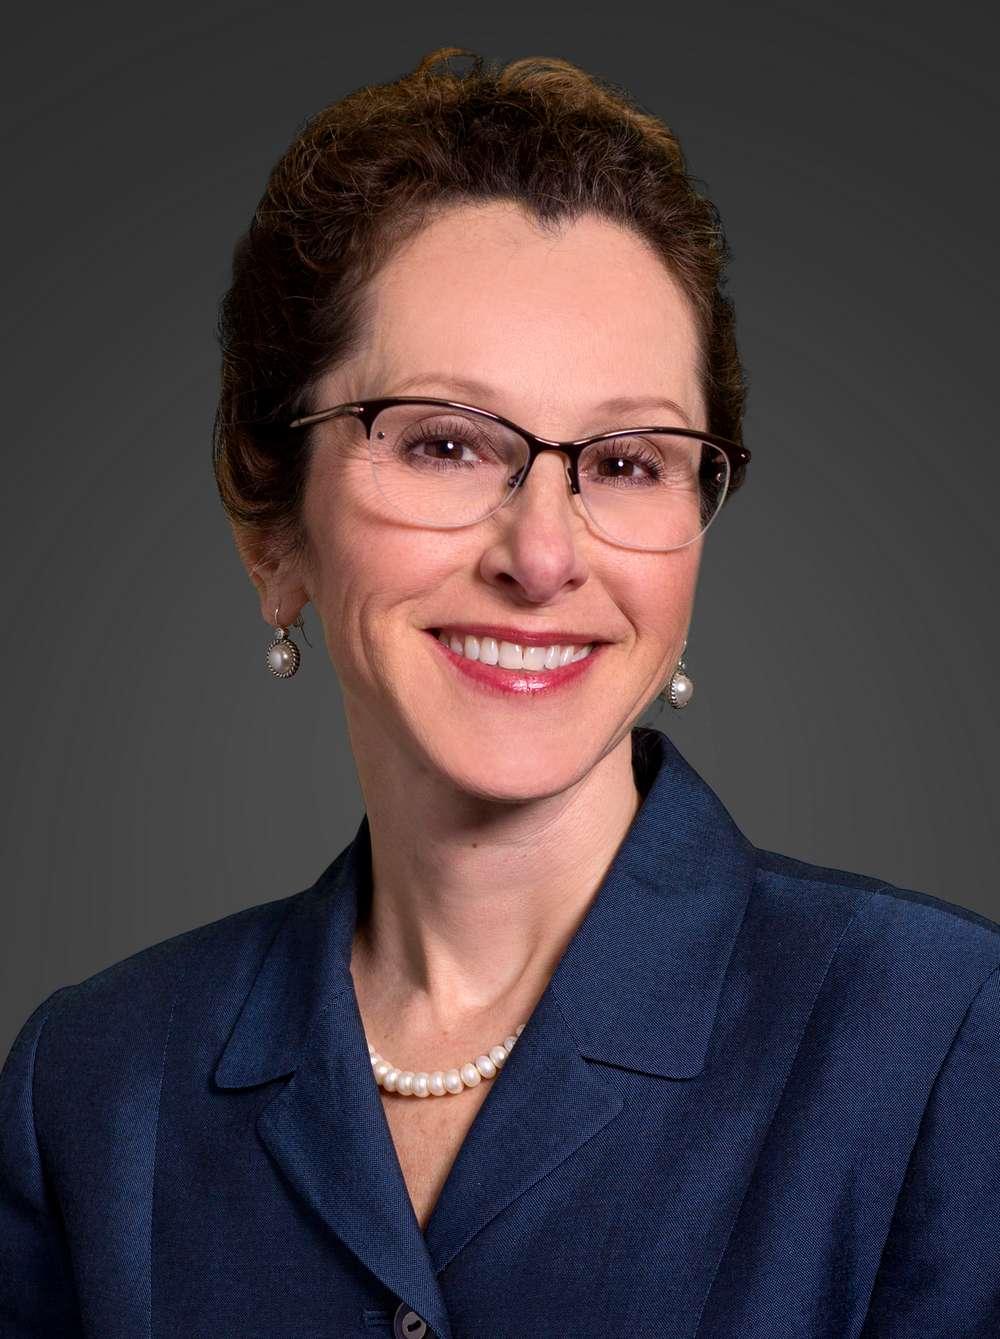 Kathryn Engel